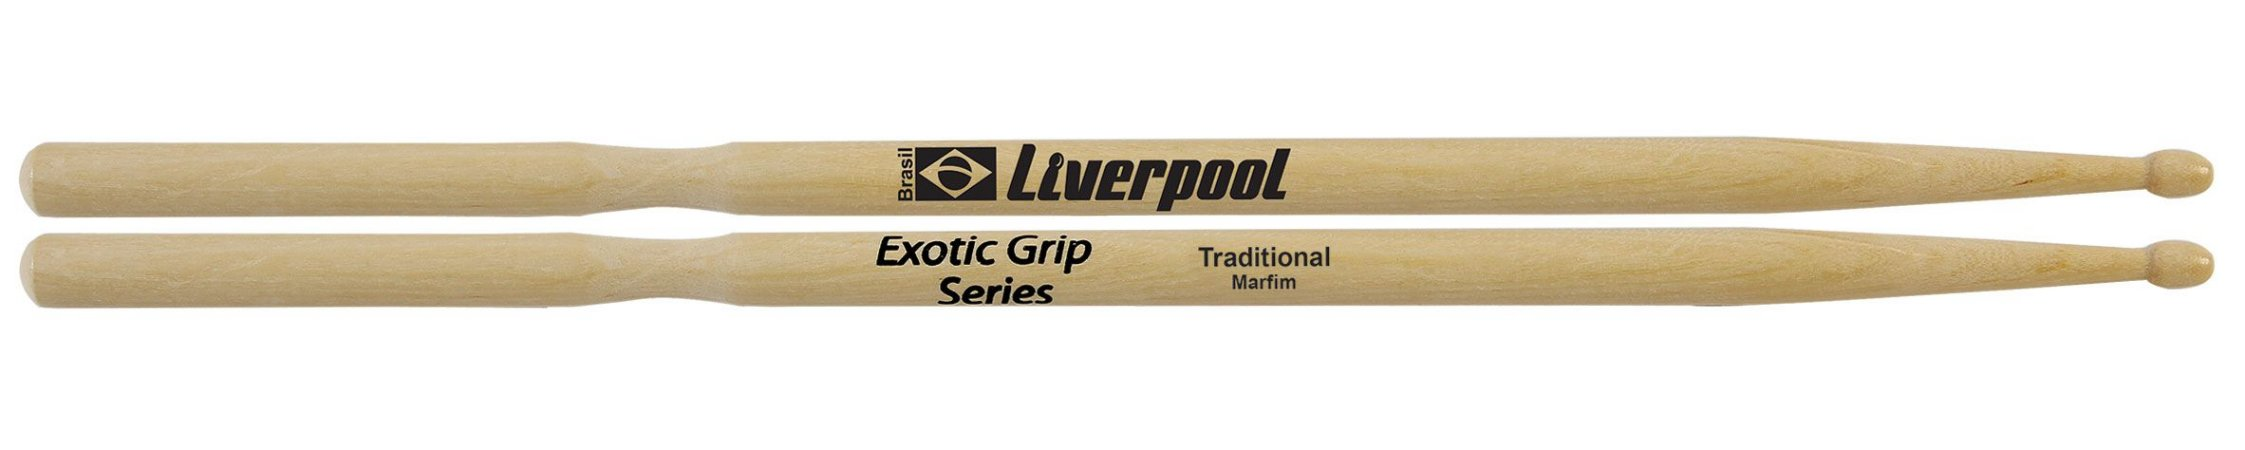 Liverpool Baqueta Exotic Grip Tradicional P.M Pegtrad